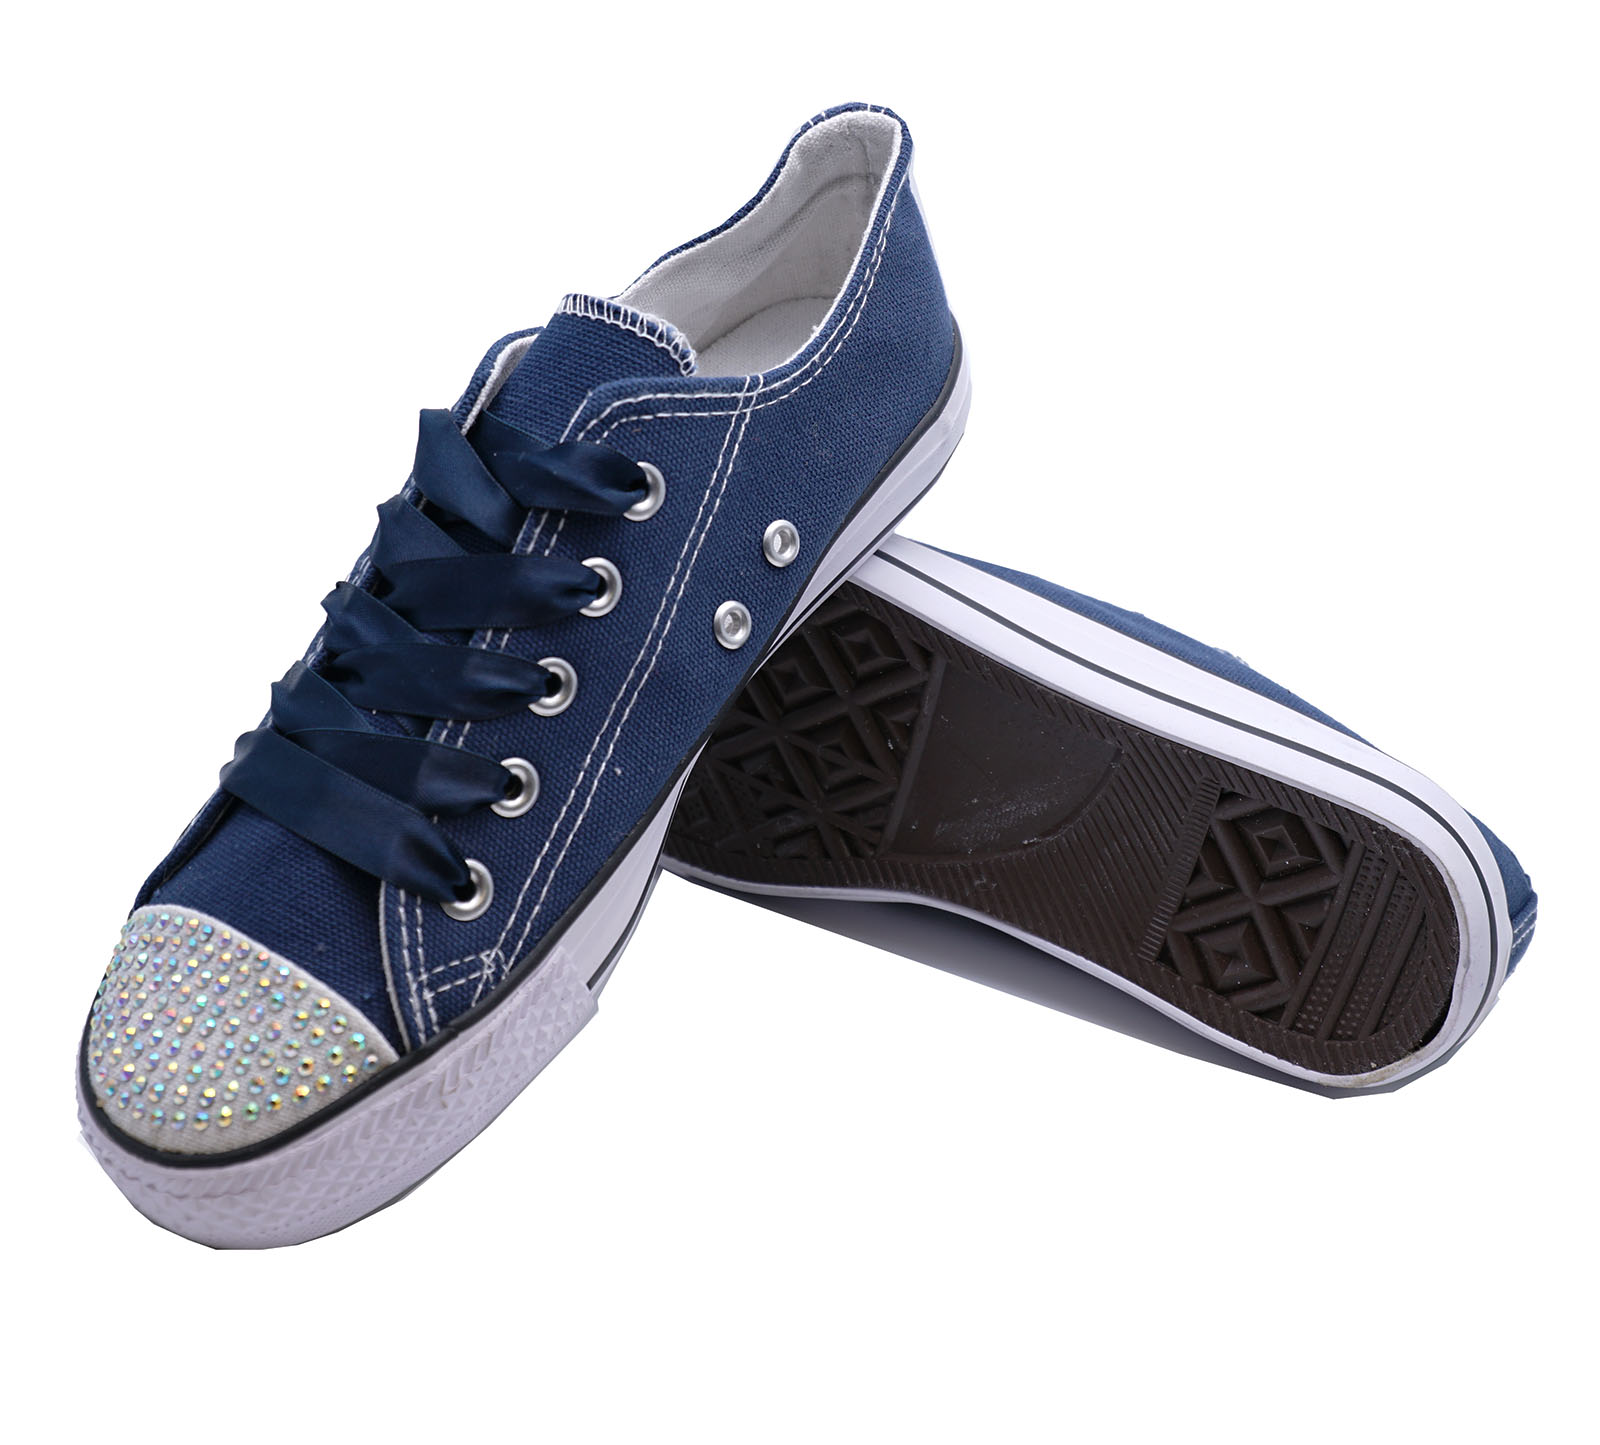 Niños Niñas Azul Marino Lona pedrería Con Cordones Zapatillas Planas Zapatos UK